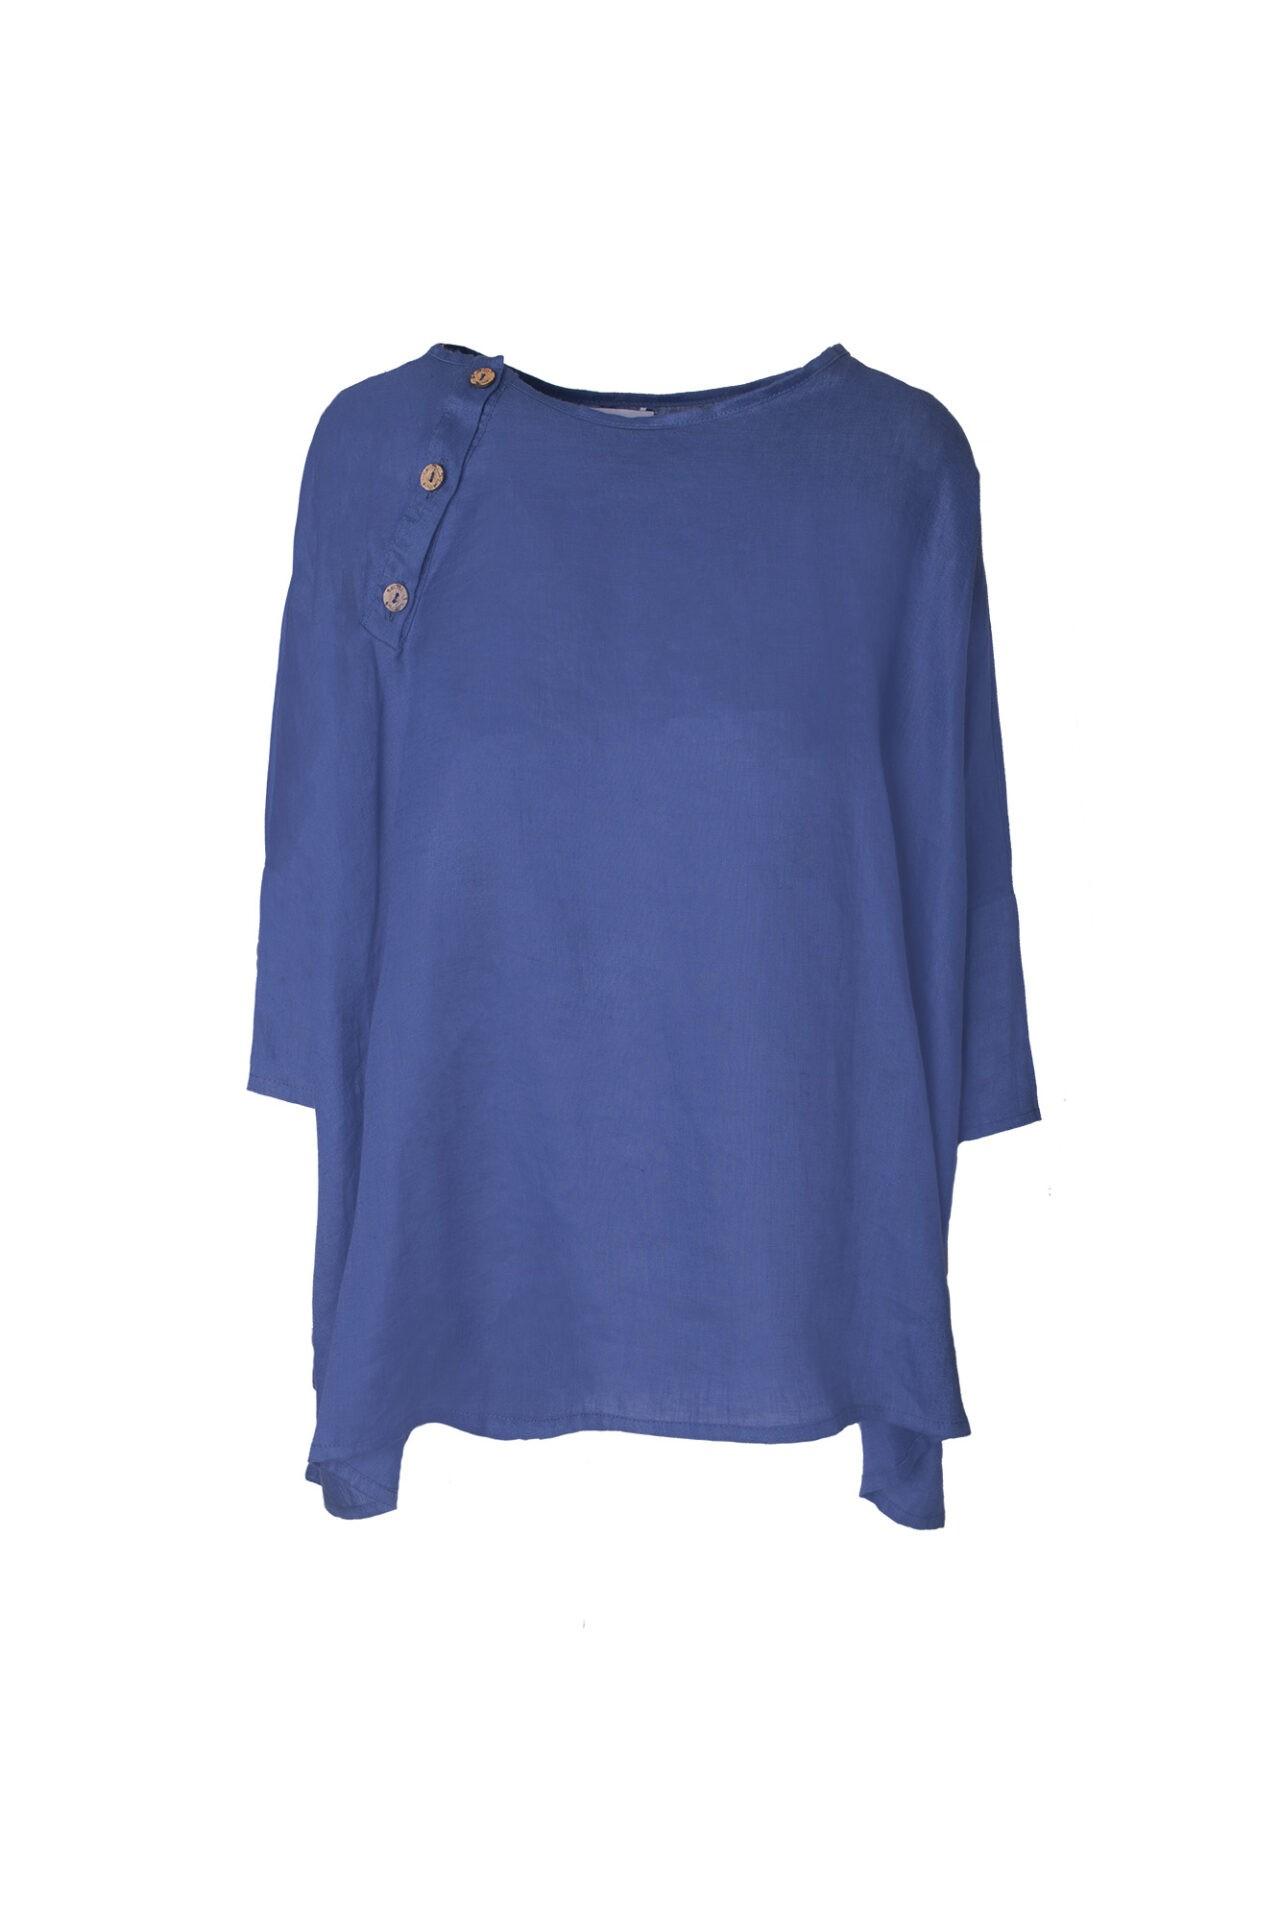 camisa-grecia-azul-laetitia-atizz